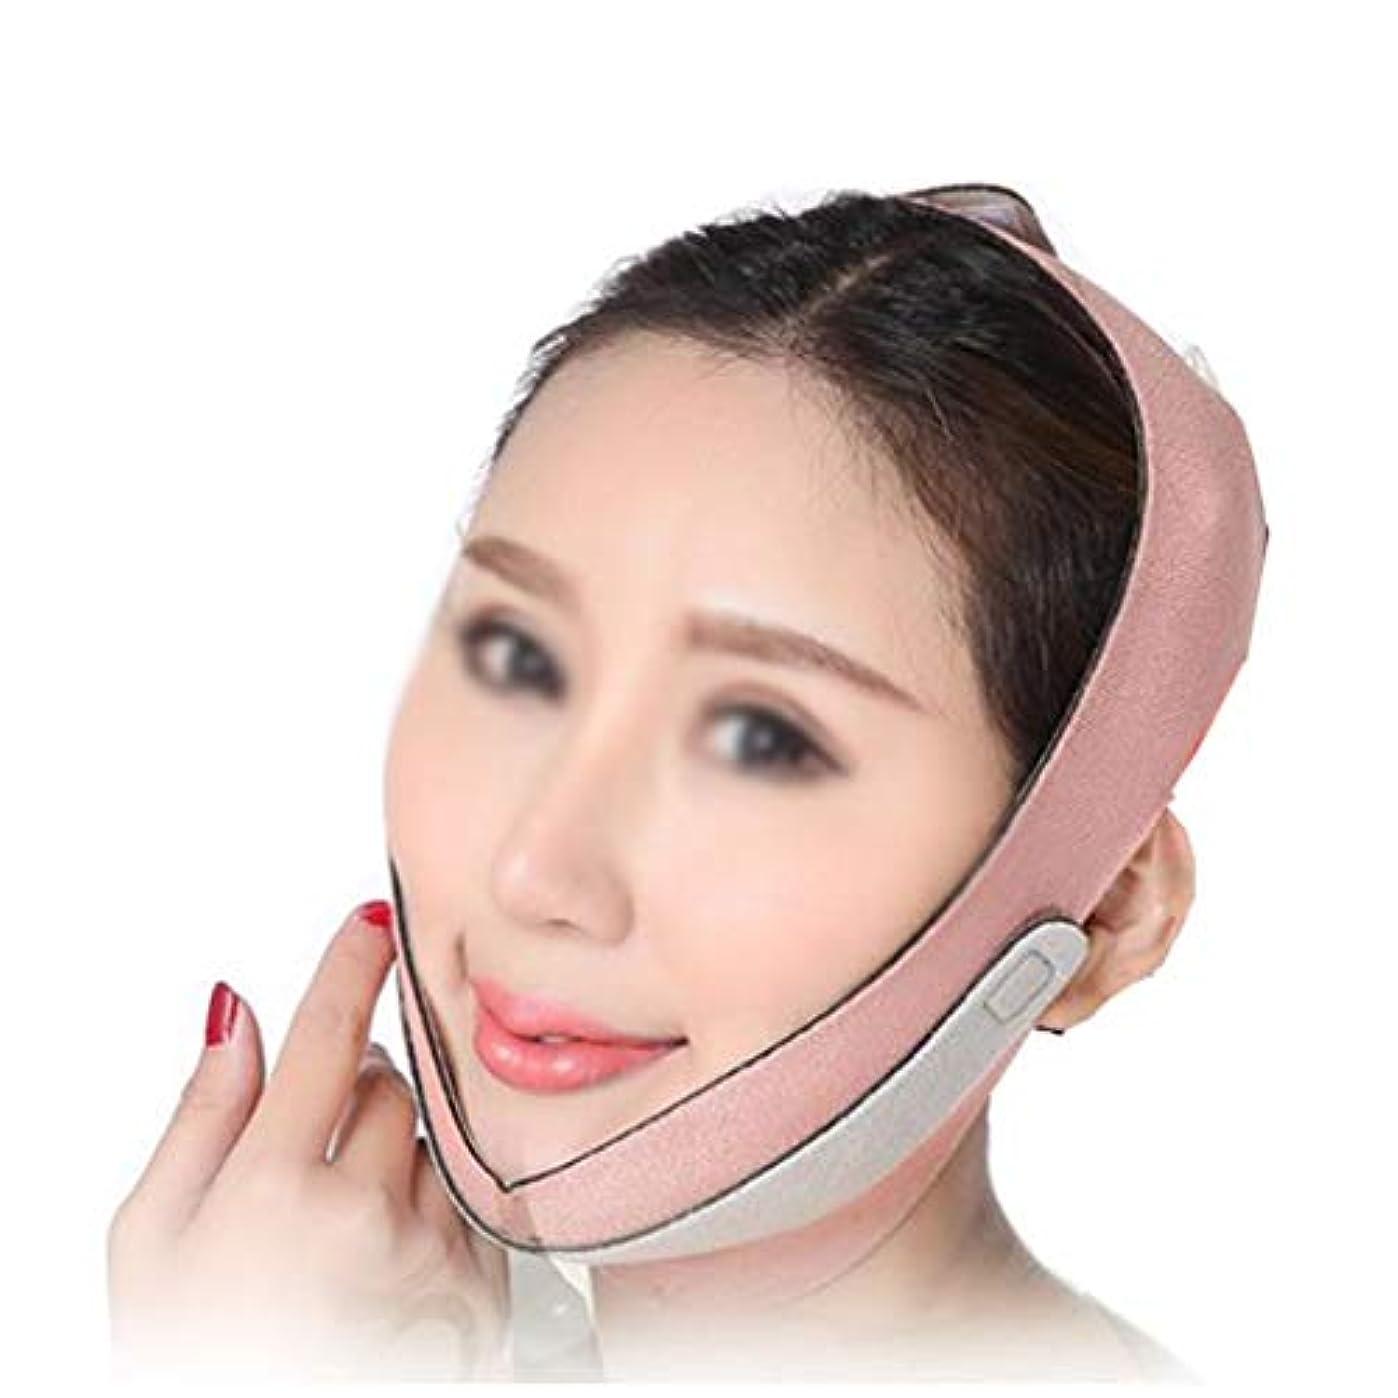 世界記録のギネスブック式音節ZWBD フェイスマスク, フェイスリフティングマスクフェイスリフティングツールを備えたVフェイスの薄い顔3Dフェイスリフティングフェイスリフティング包帯フェイスリフティングデバイスフェイスリフティングマシン